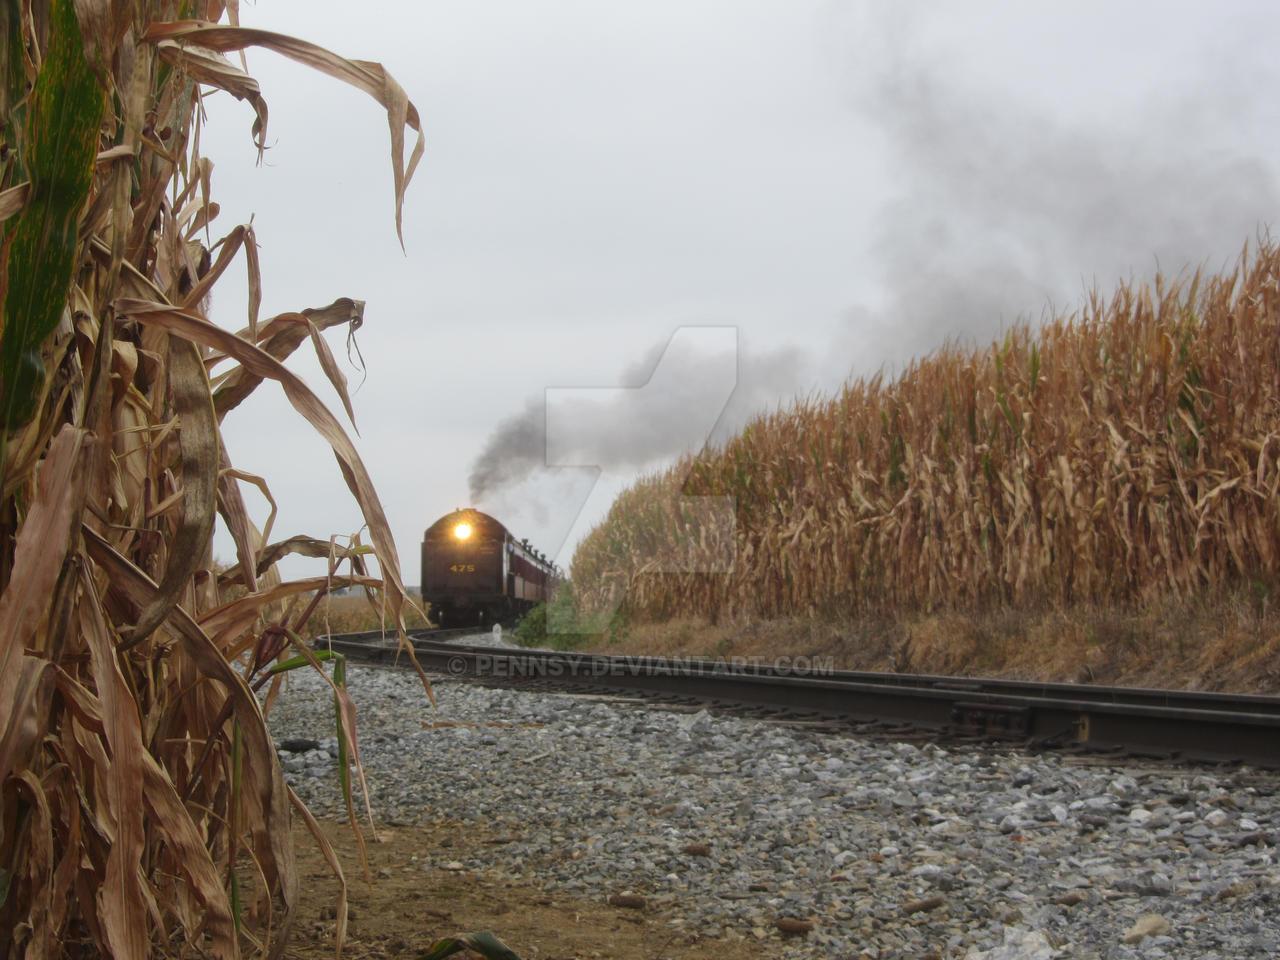 Through the cornfields